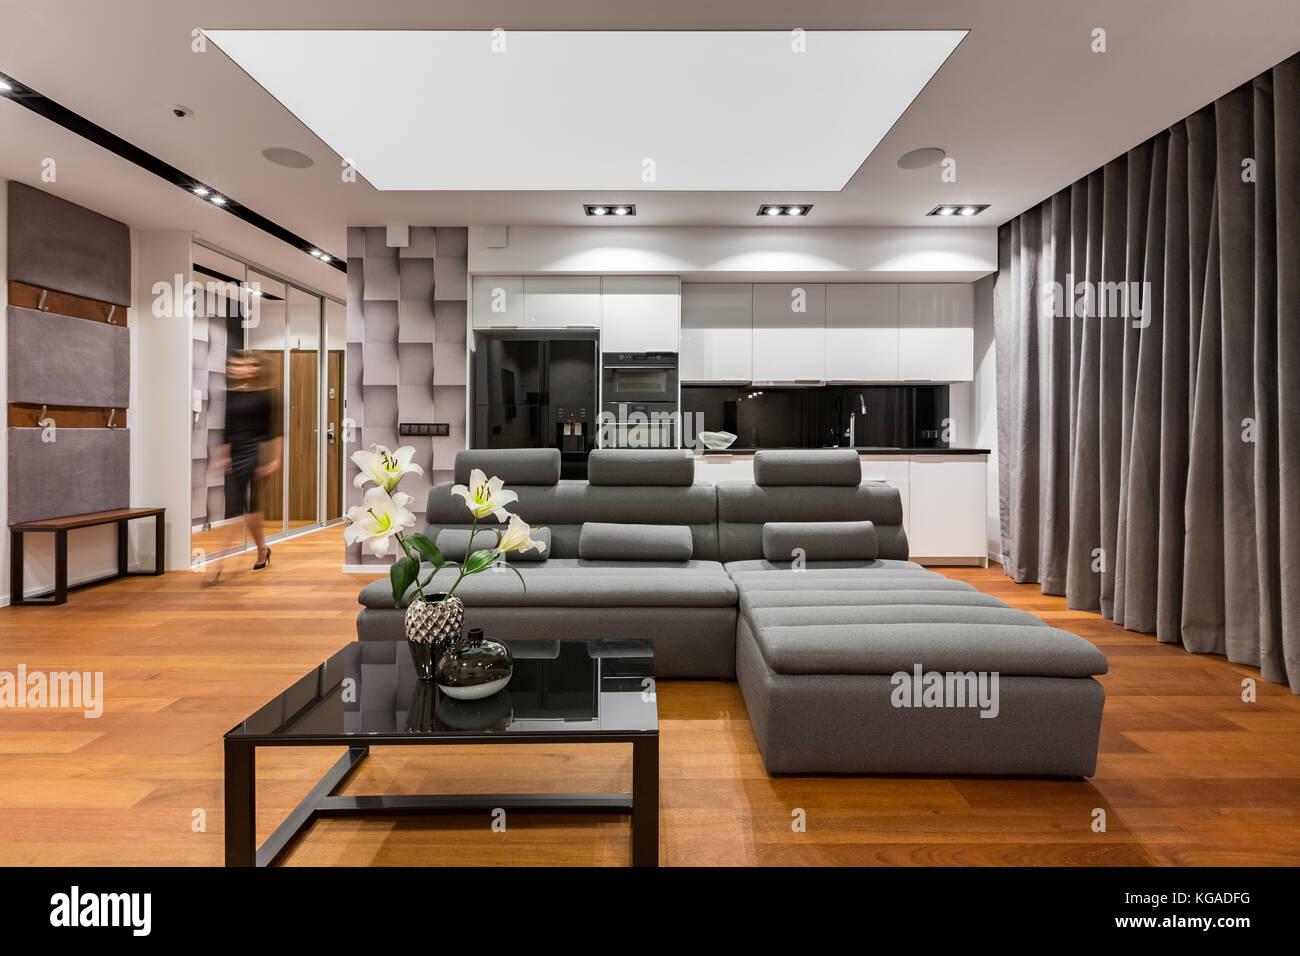 Soggiorno con strette grigio divano, tavola nera e angolo ...